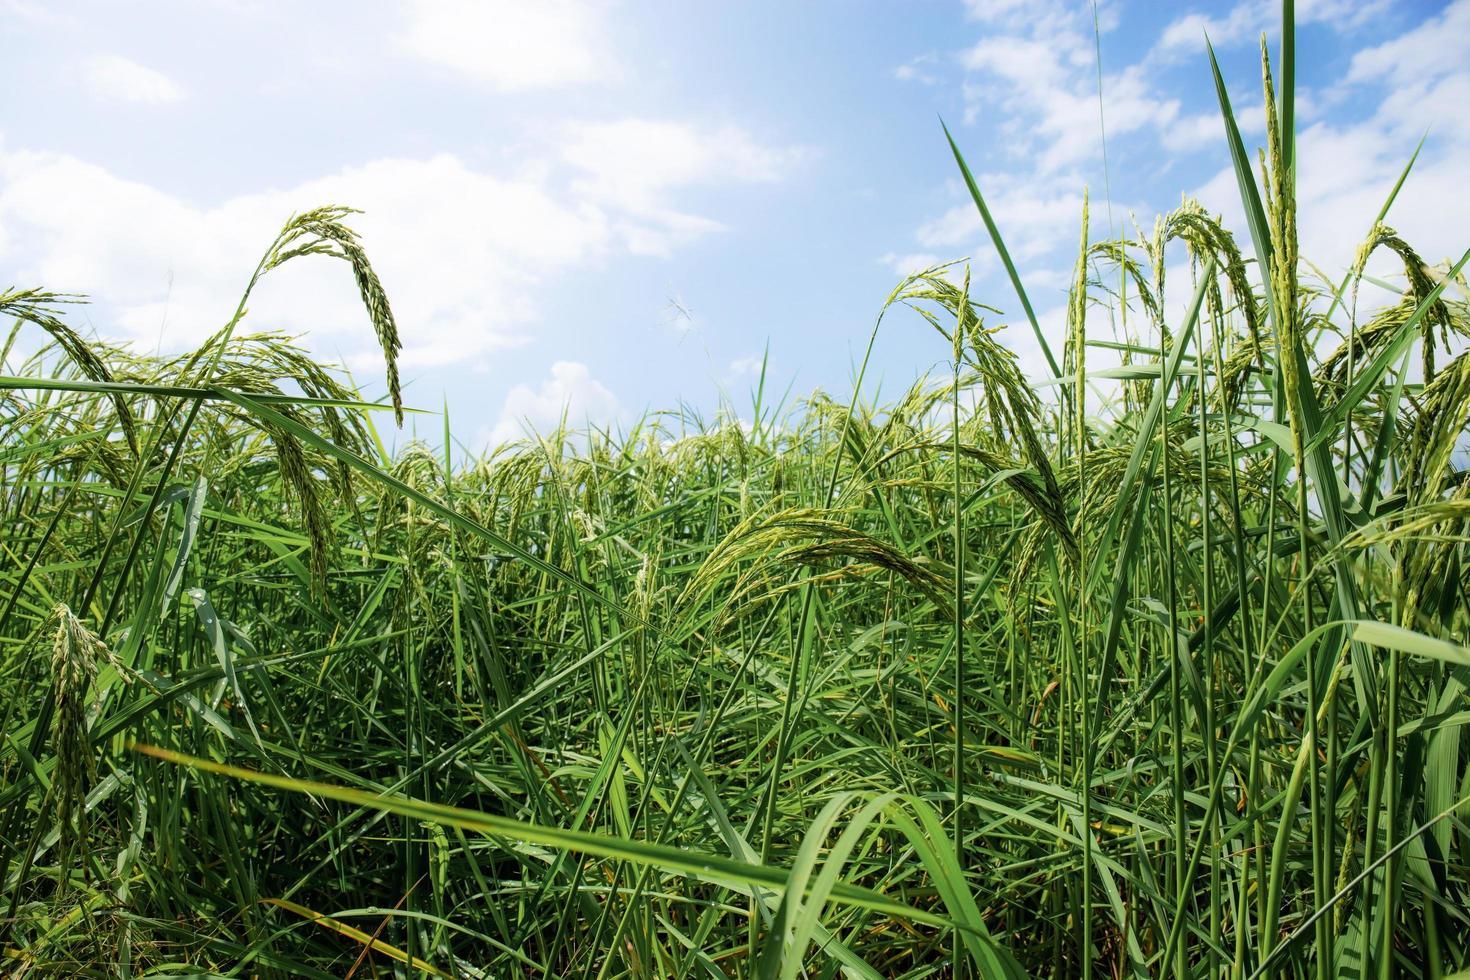 Ears of rice in fields photo